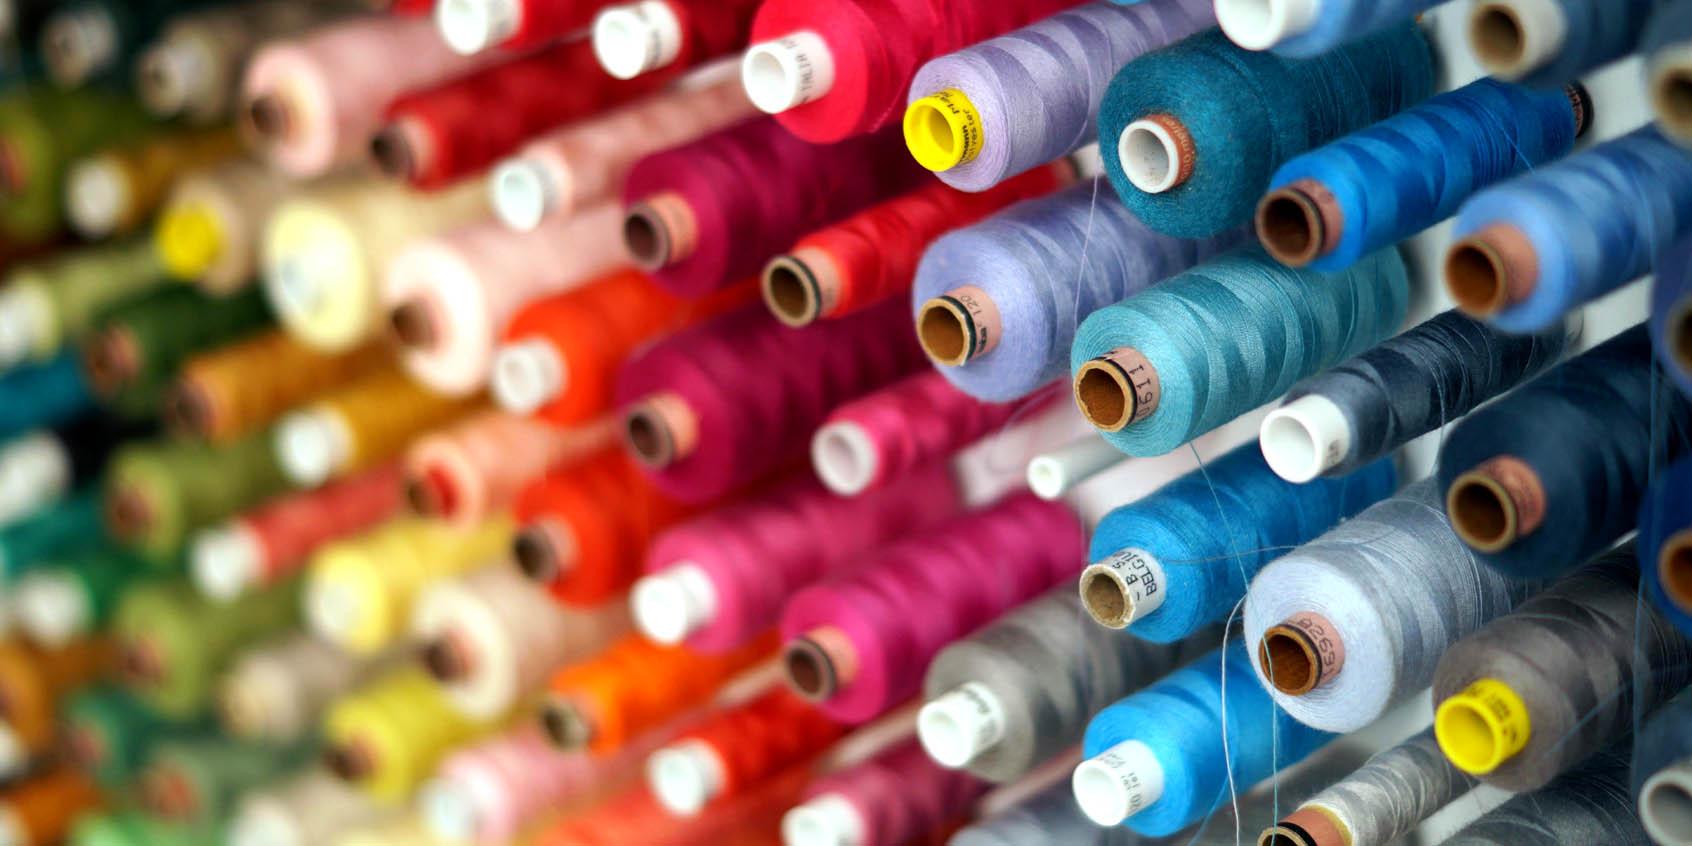 Kolorowe nici do szycia ubrań